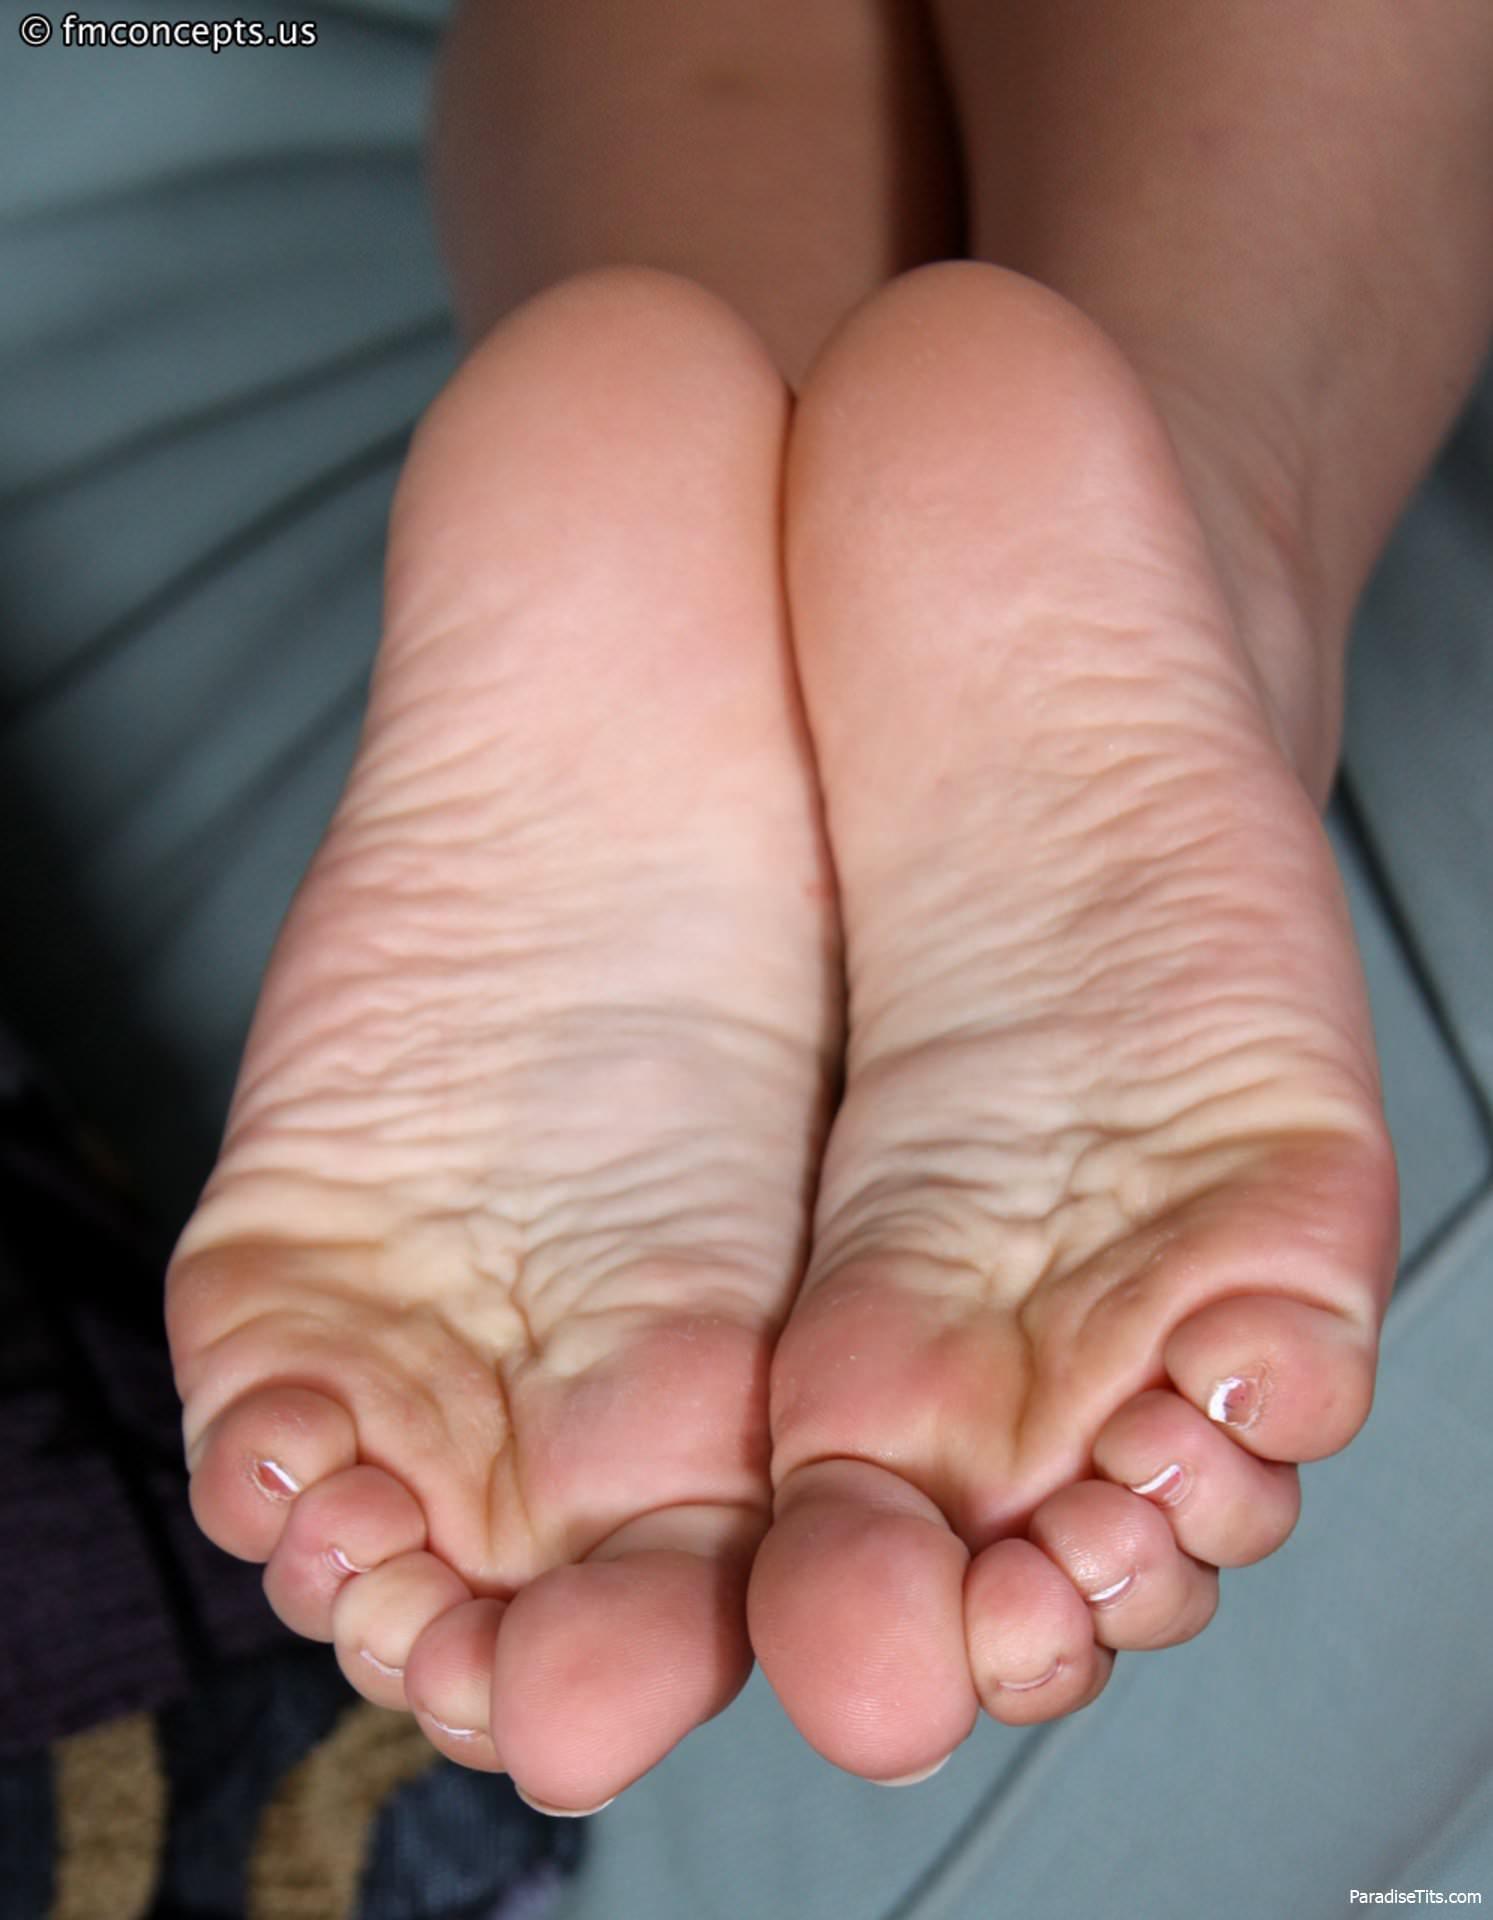 Порно фото с очаровательной девушкой, которая снимает трусики и показывает прелестные ступни